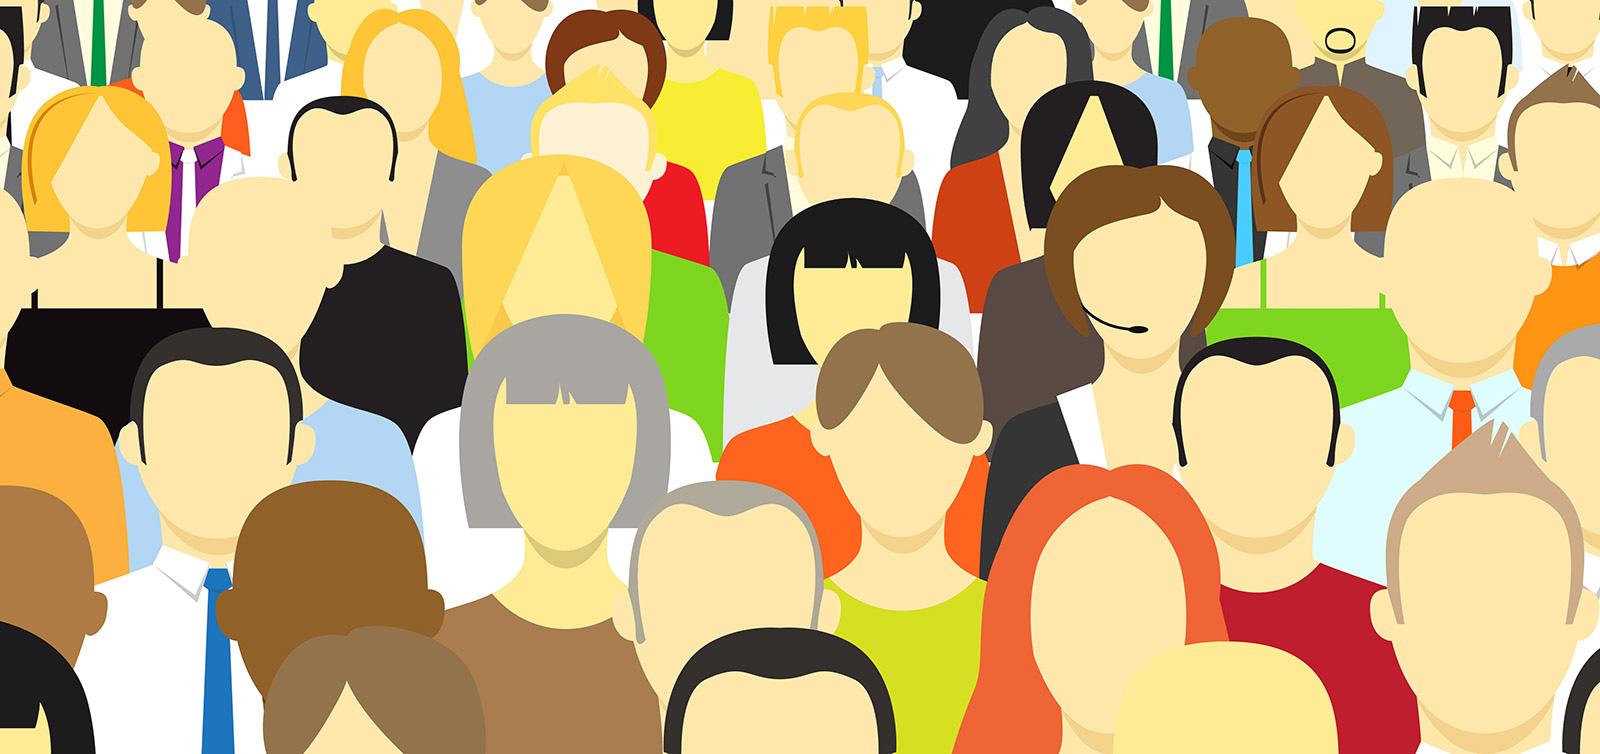 crowdsource-marketing